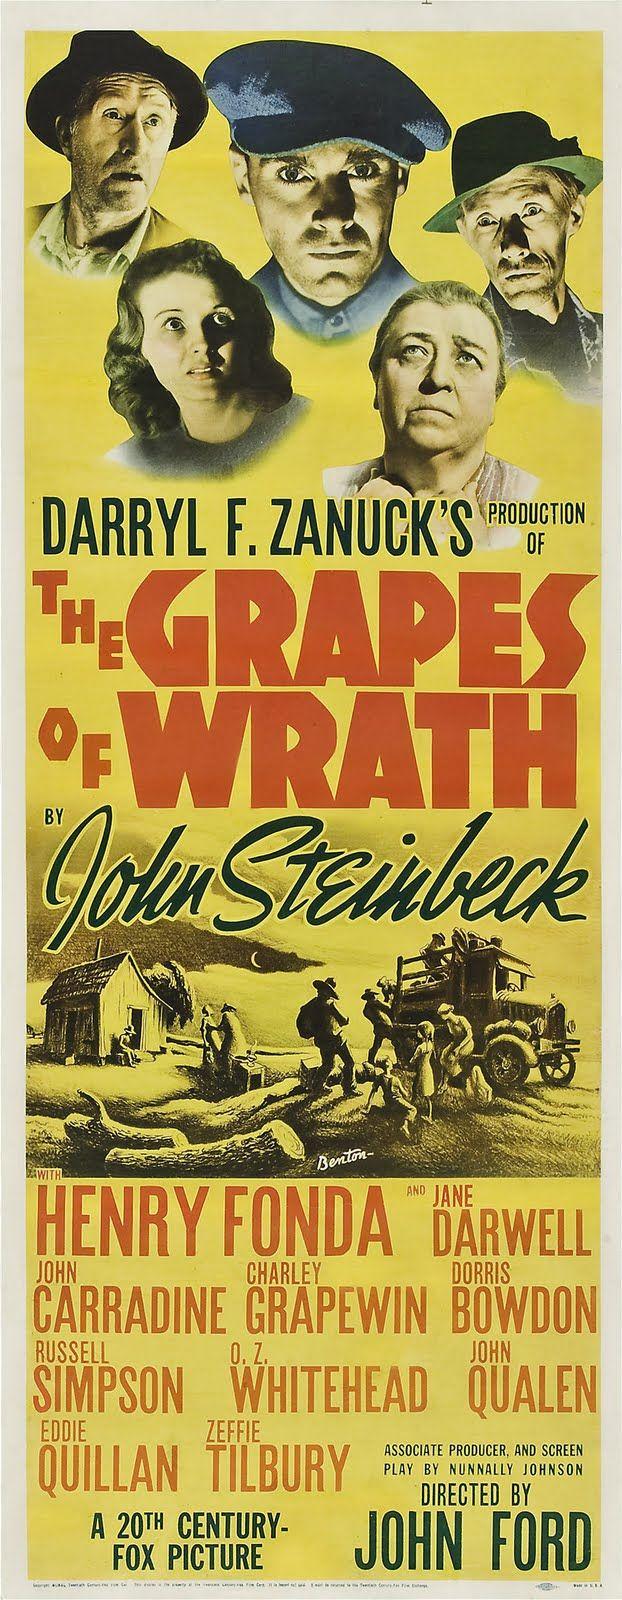 Las Uvas De La Ira 1940 John Ford Es Reconocido Por La Acaademia Como El Mejor Director En 1940 Cine Y Literatura Carteles De Cine Cine